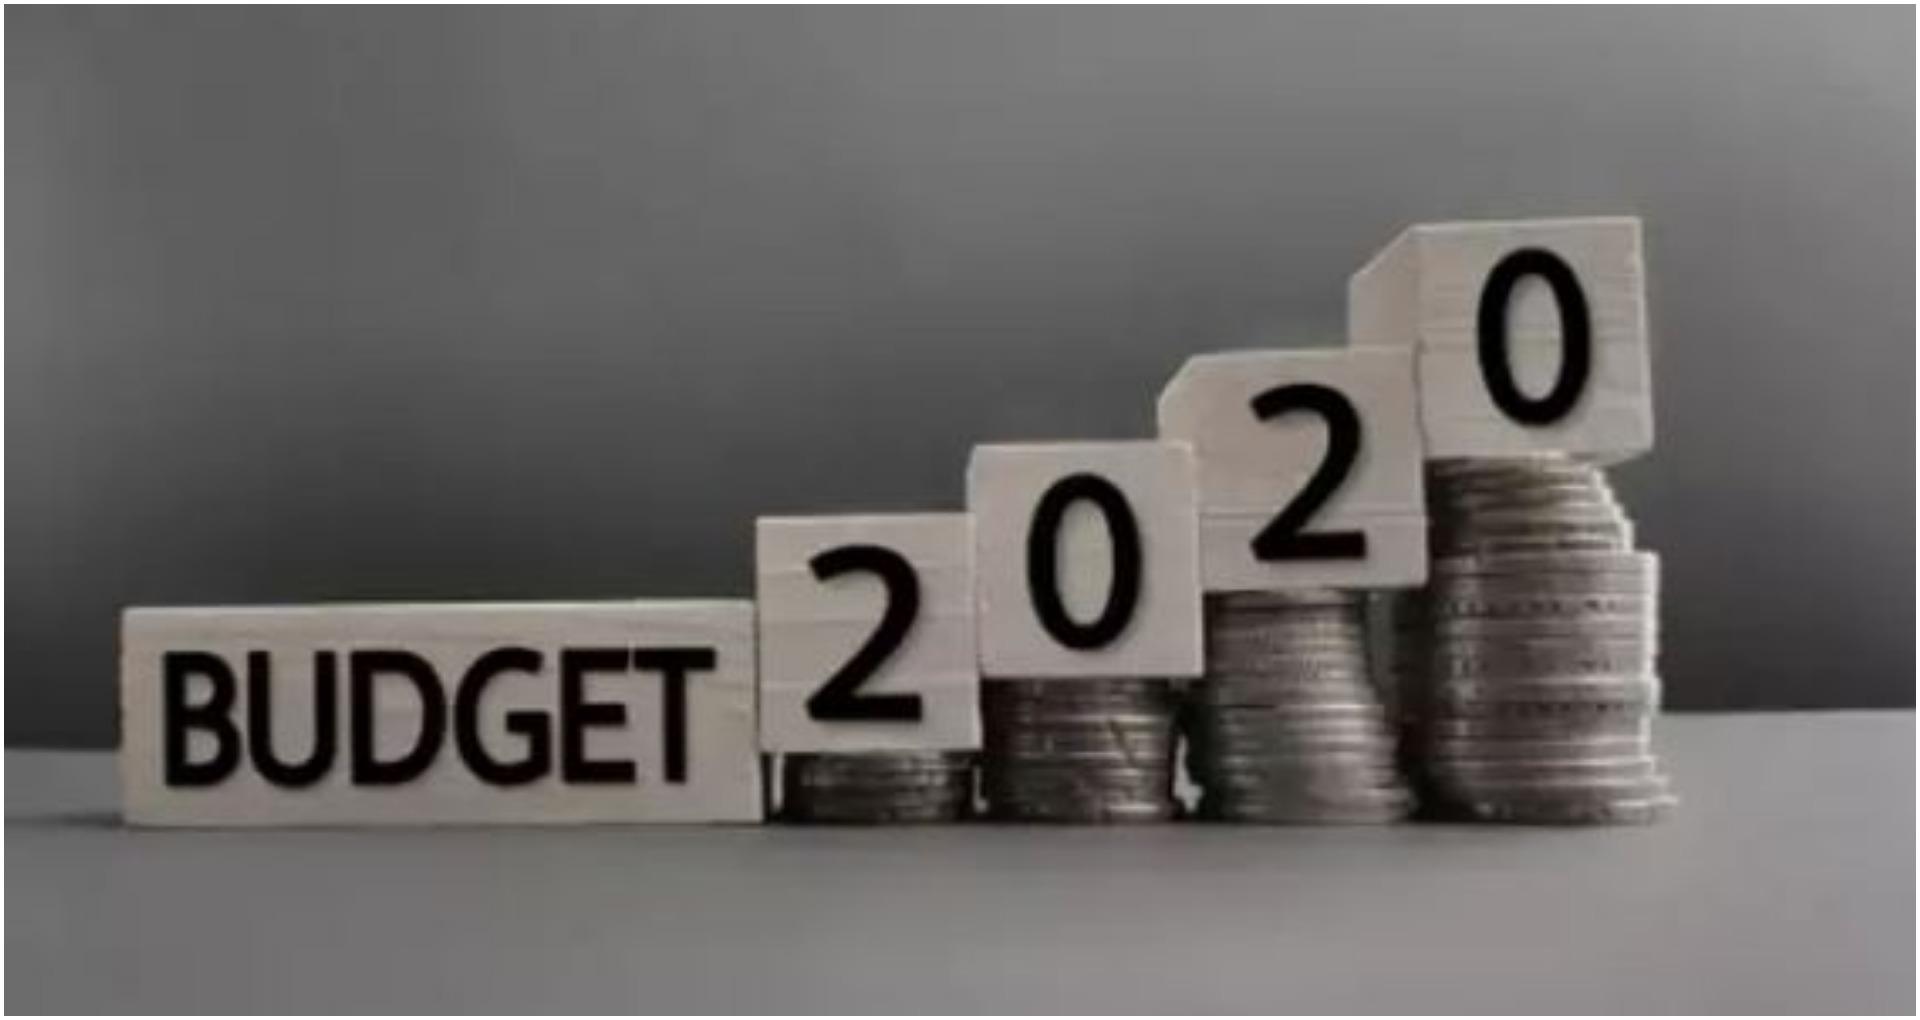 Sasta Mehnga in Budget 2020: बजट 2020 में क्या सस्ता, क्या महंगा, देखें पूरी लिस्ट यहां